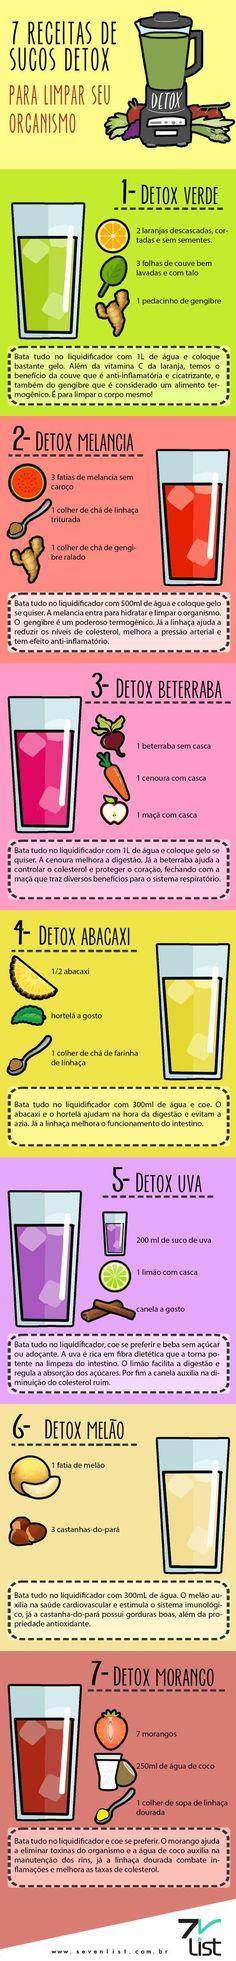 Método Científico Estranho Seca Gordura Sem Exercícios Físicos... Especialista em emagrecimento saudável descobriu o REAL motivo de você não conseguir emagrecer. Clique Na Imagem Para Saber Mais! #suco #verde #detox #emagrecer